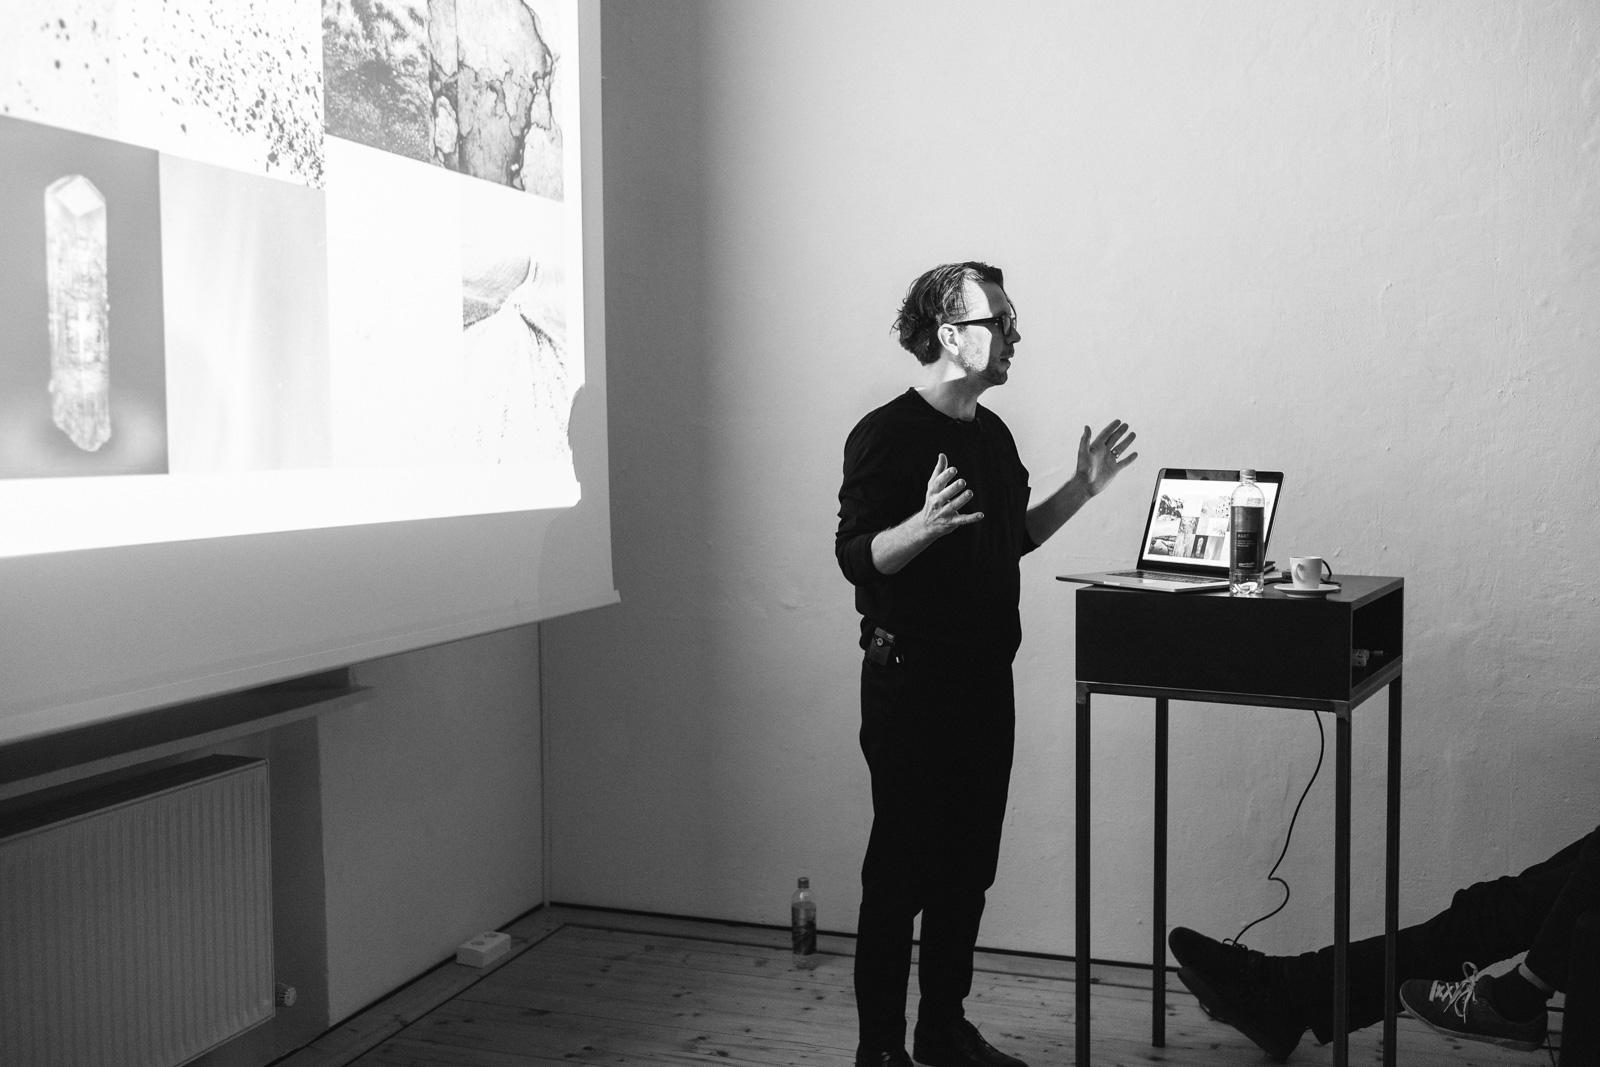 Vortrag Matthias Frodlund/Snohetta